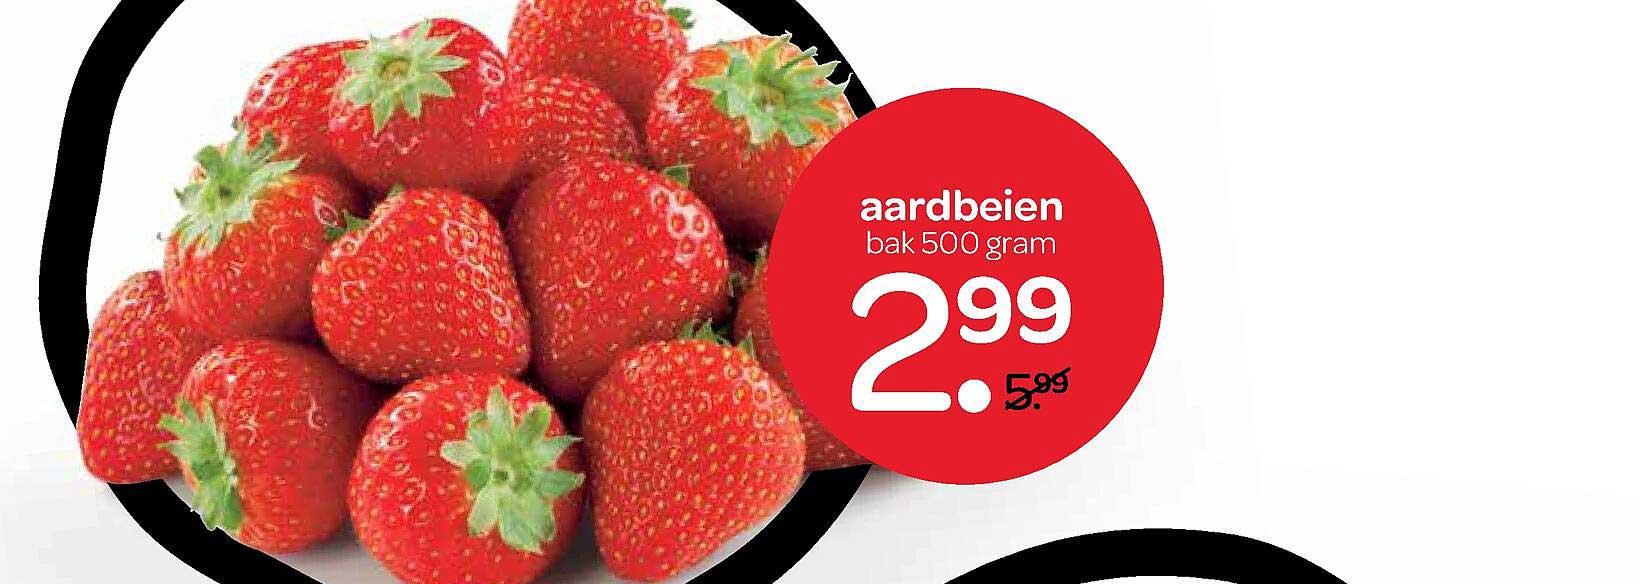 Spar Aardbeien 500 Gram